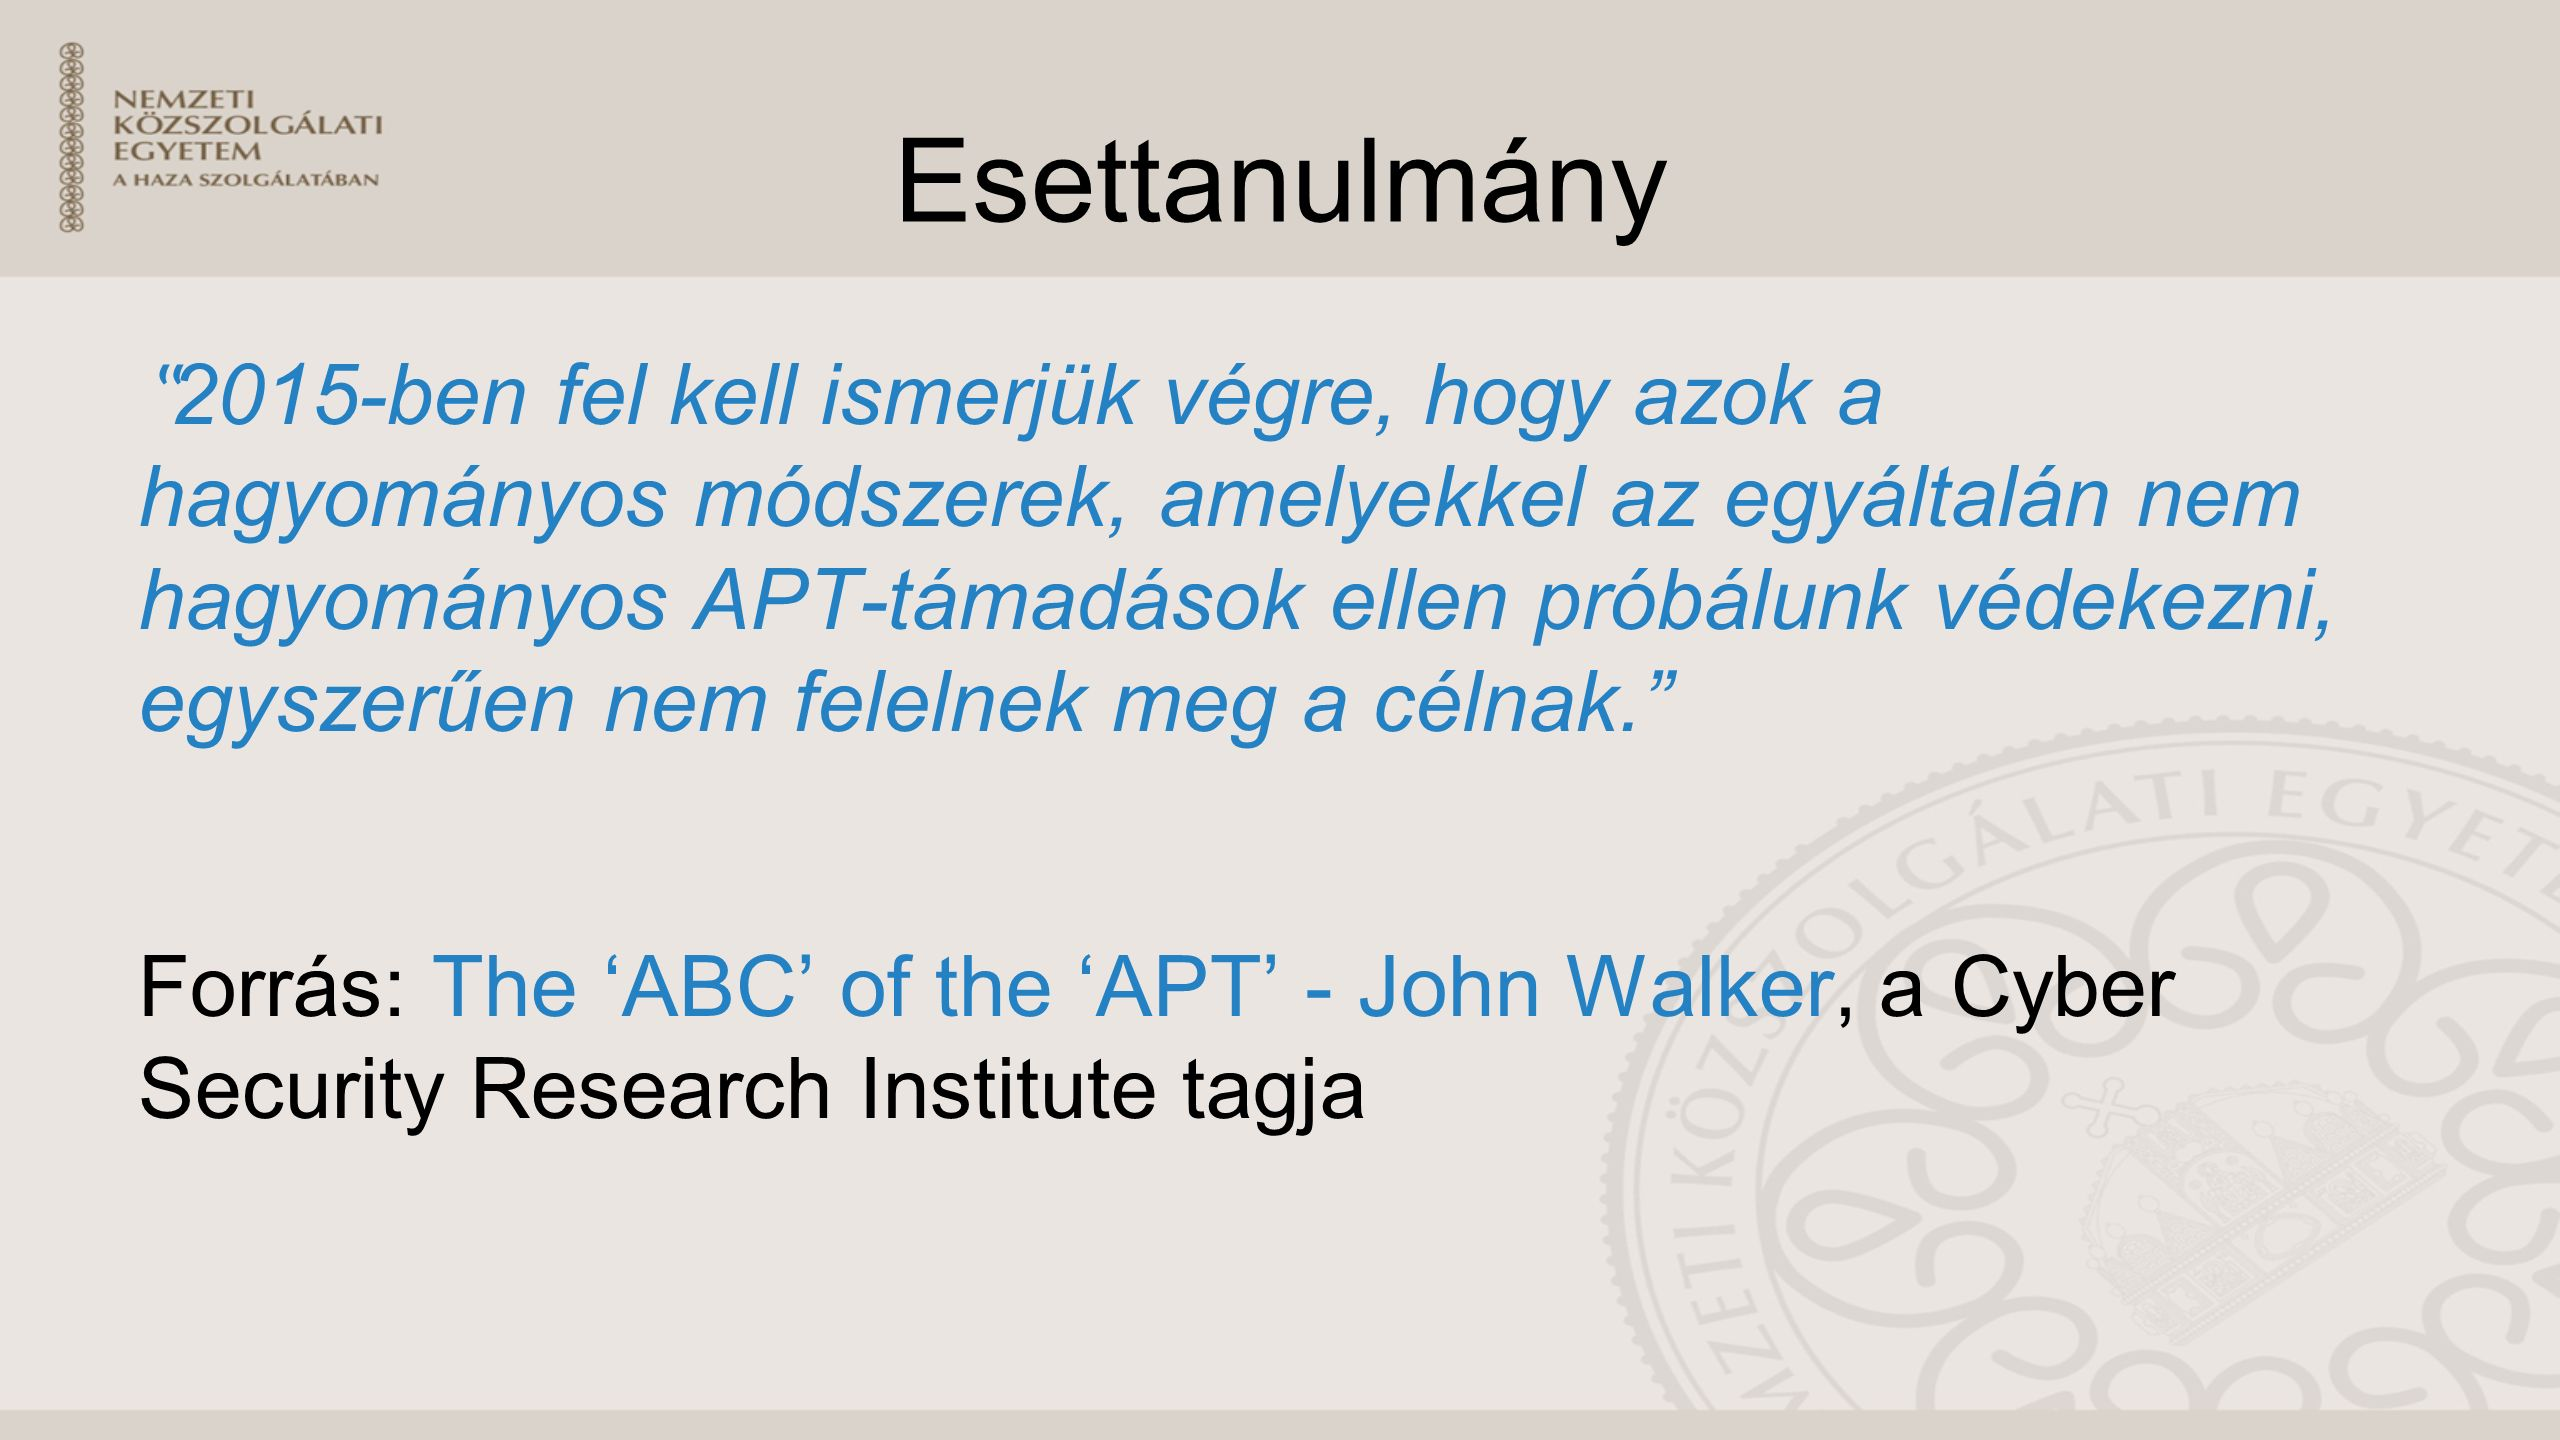 """Esettanulmány """" 2015-ben fel kell ismerjük végre, hogy azok a hagyományos módszerek, amelyekkel az egyáltalán nem hagyományos APT-támadások ellen próbálunk védekezni, egyszerűen nem felelnek meg a célnak. Forrás: The 'ABC' of the 'APT' - John Walker, a Cyber Security Research Institute tagja"""